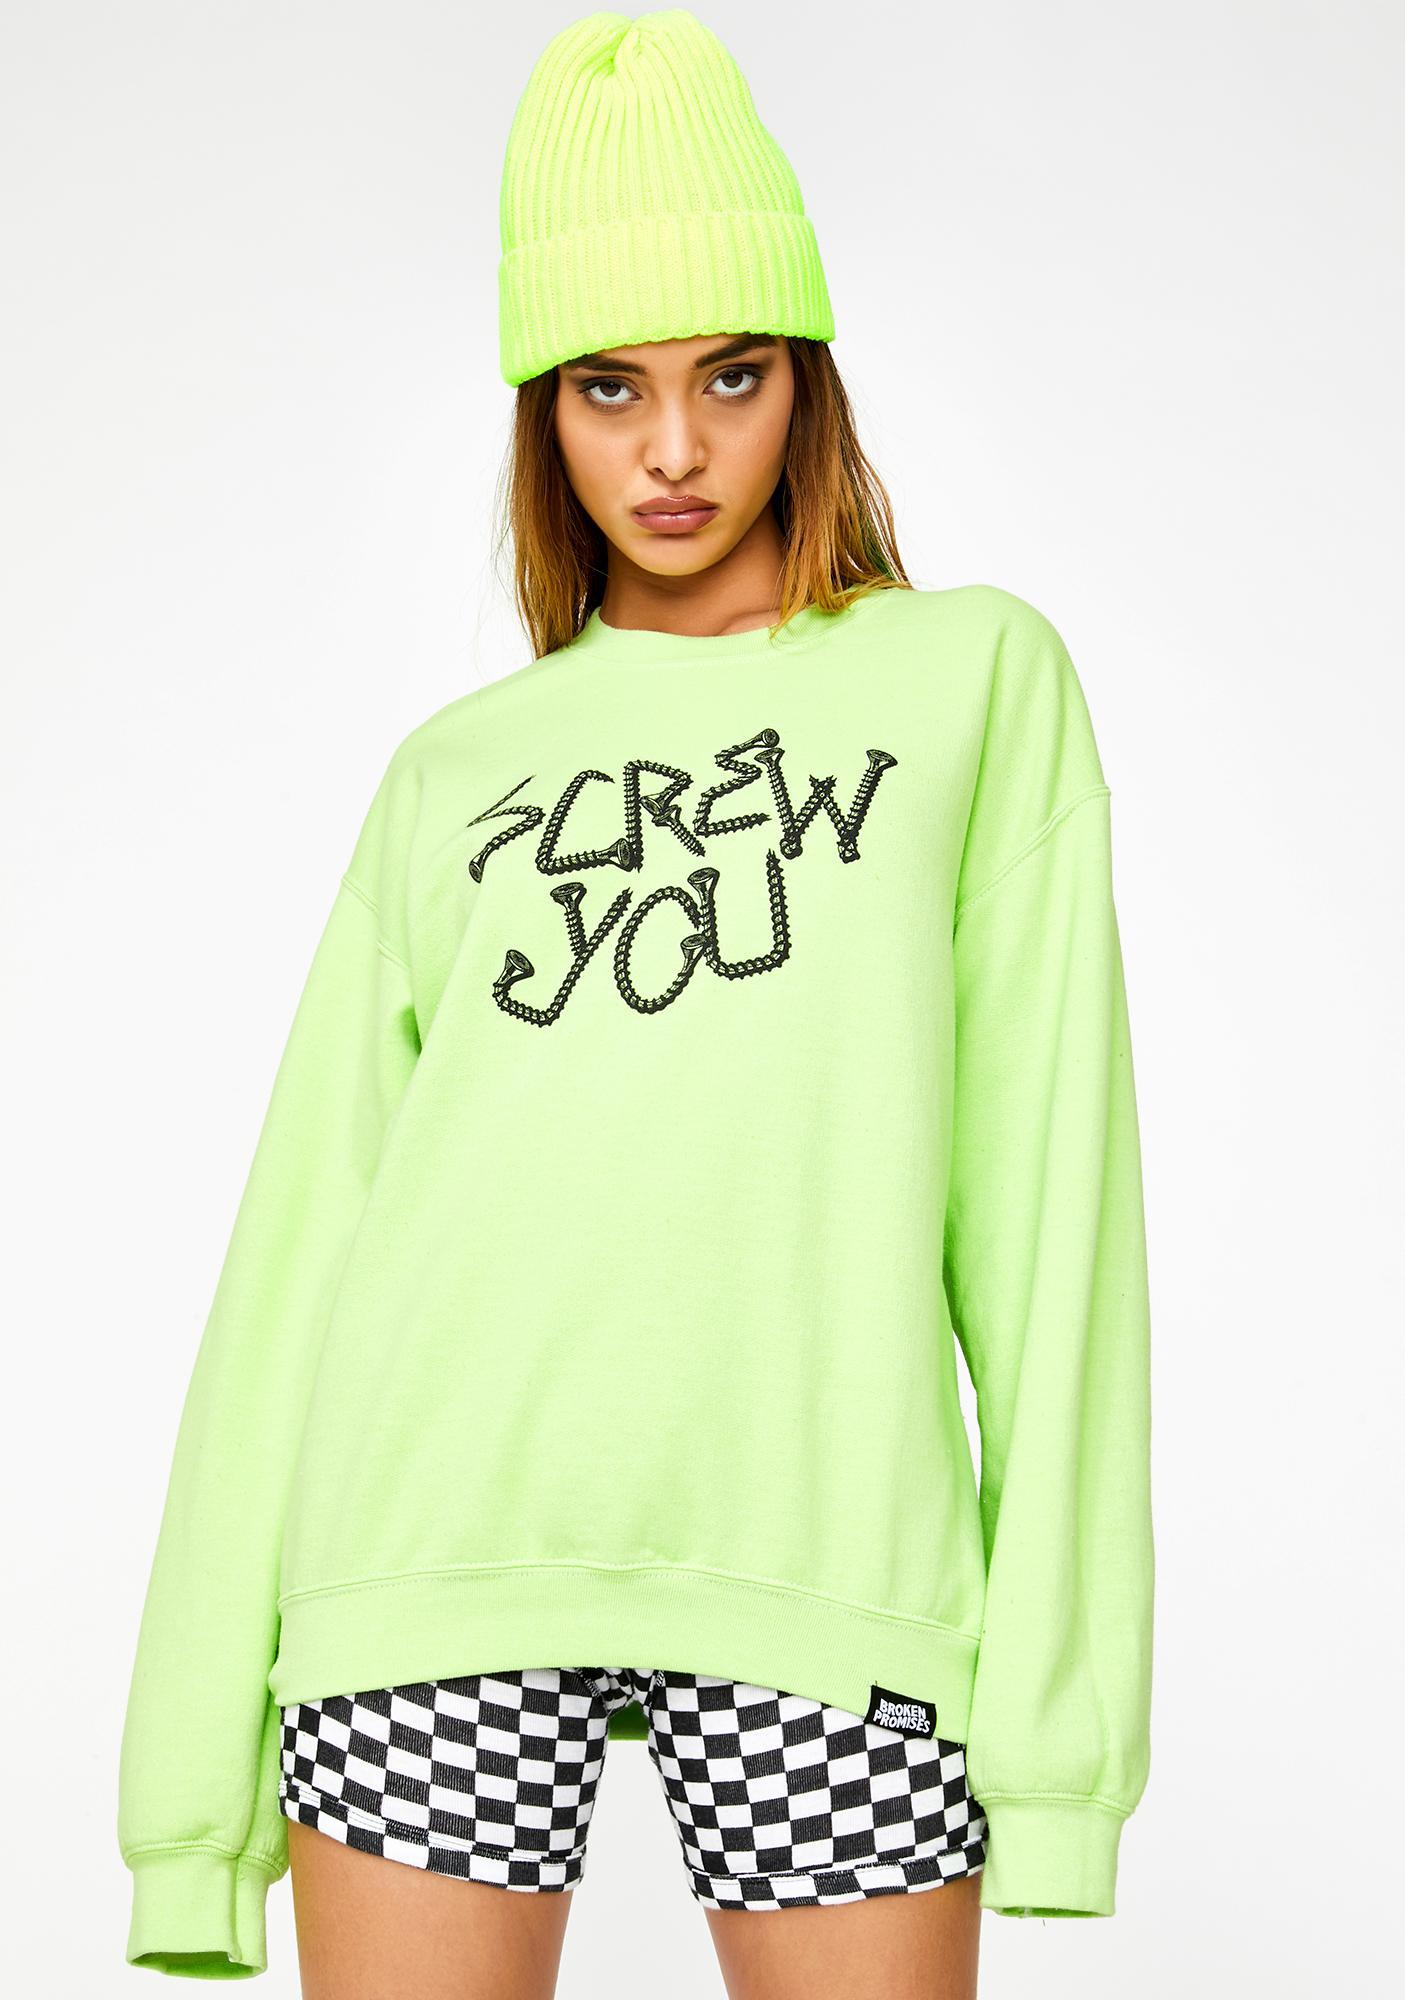 BROKEN PROMISES CO Driver Crewneck Sweatshirt